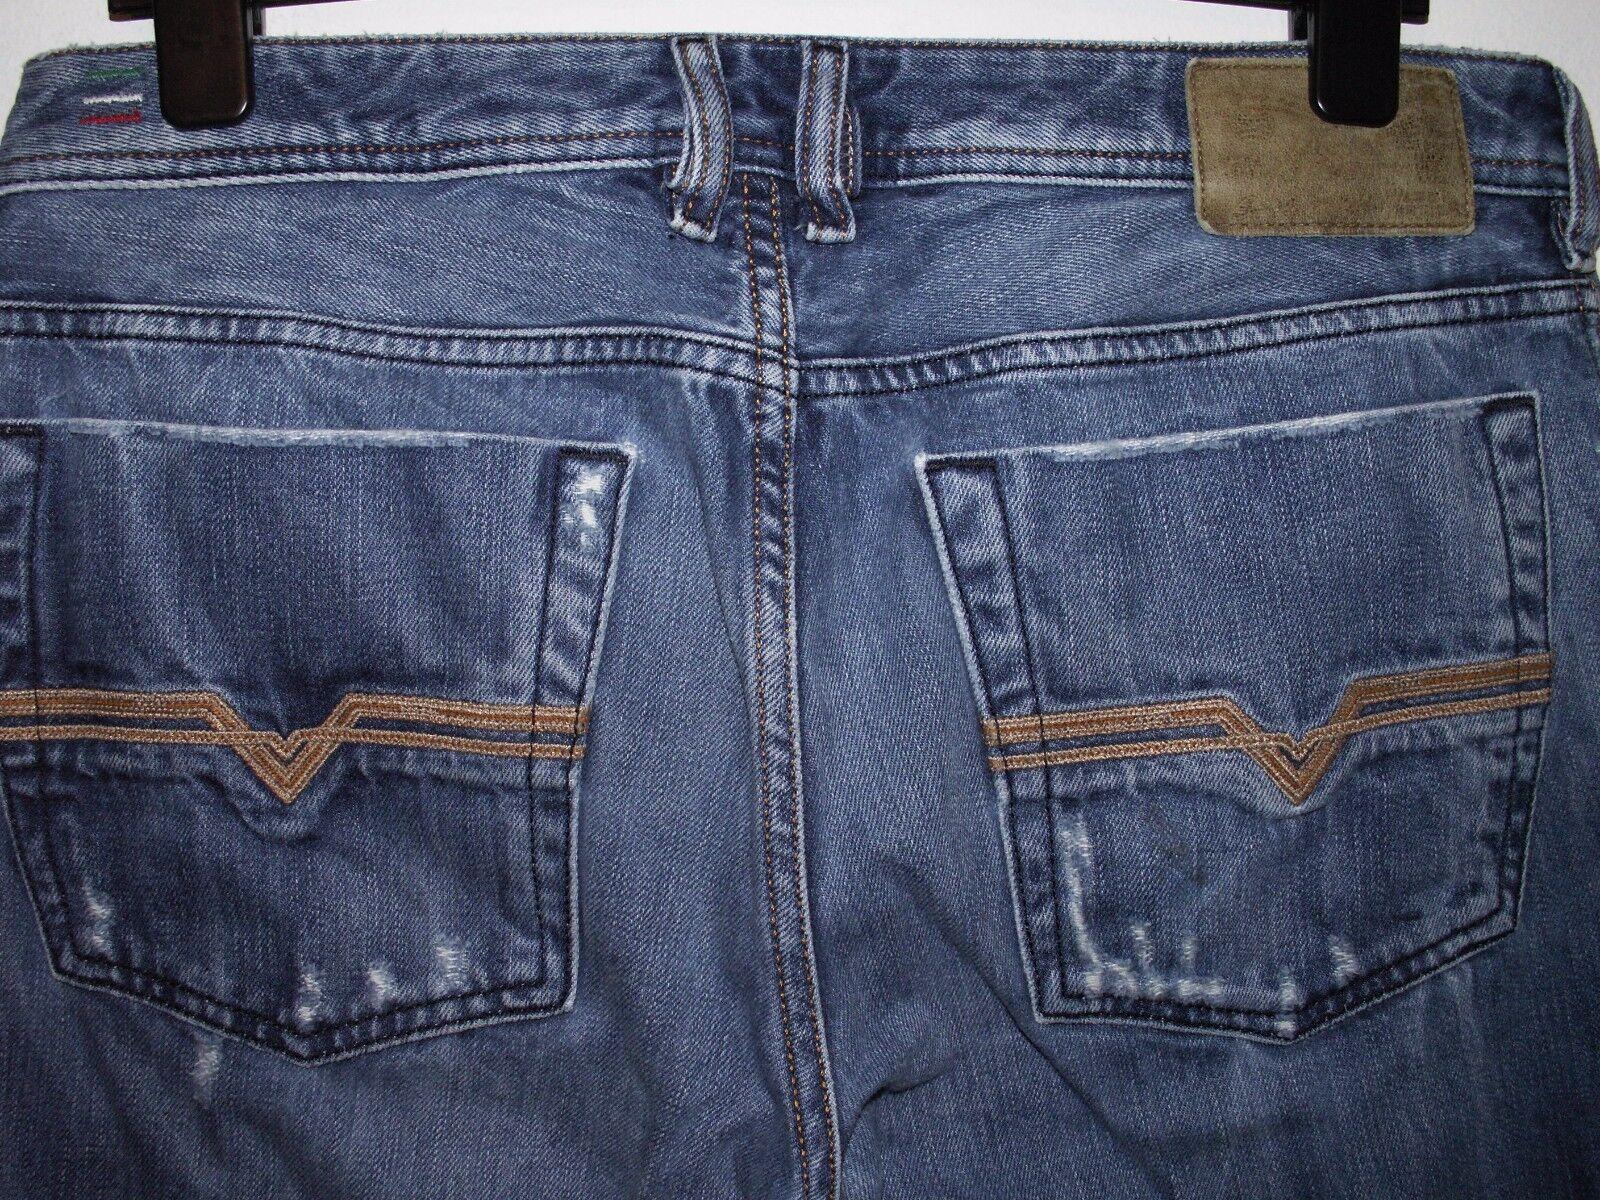 Diesel zatiny Stiefelcut jeans wash 008C0 W32 L32 (a2336)  | Stil  | Deutschland Berlin  | Fierce Kaufen